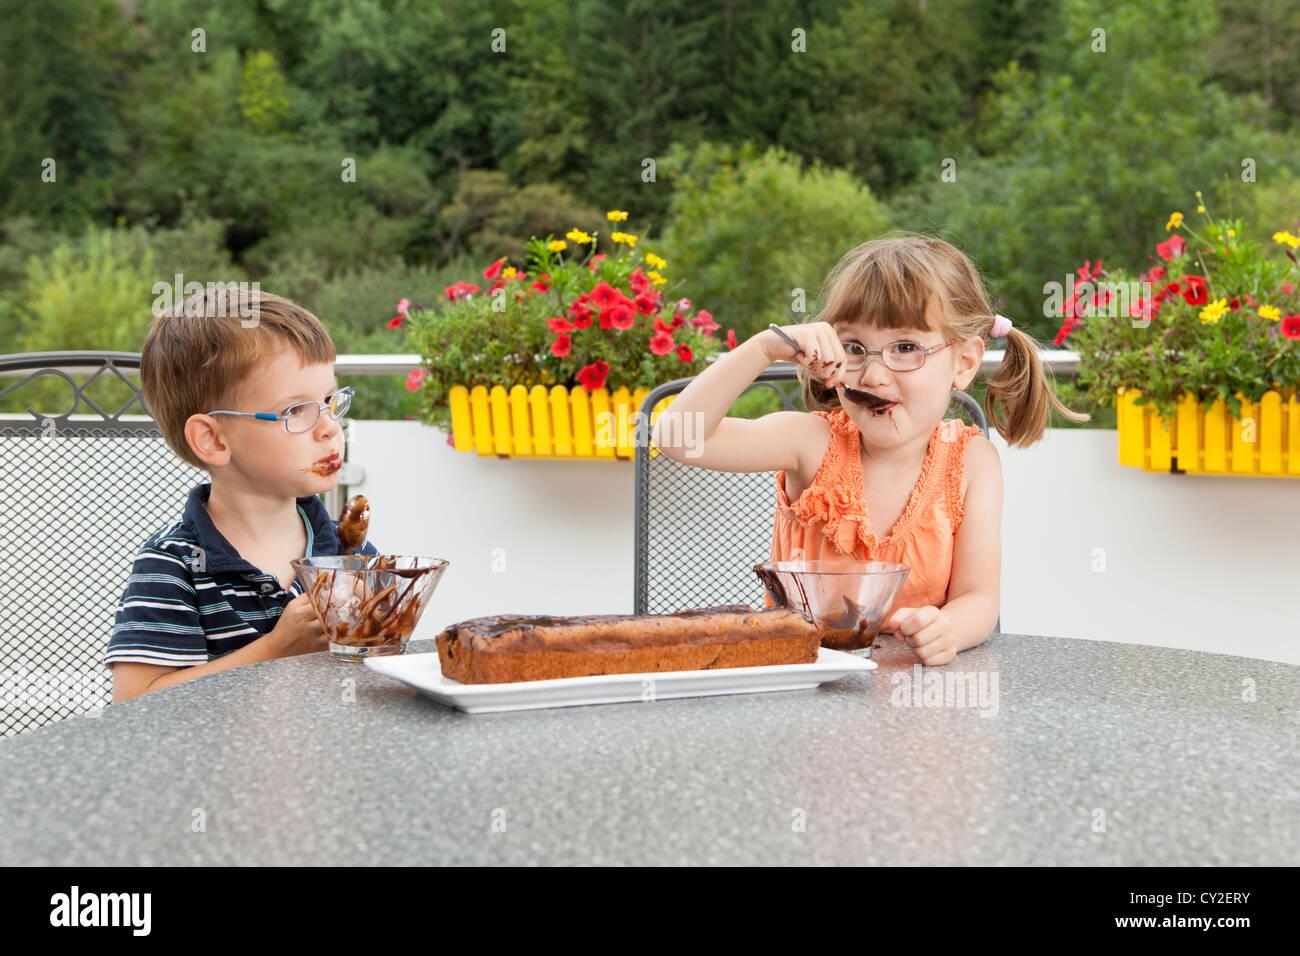 Kinder Schmucken Den Schokoladenkuchen Stockfoto Bild 51071999 Alamy